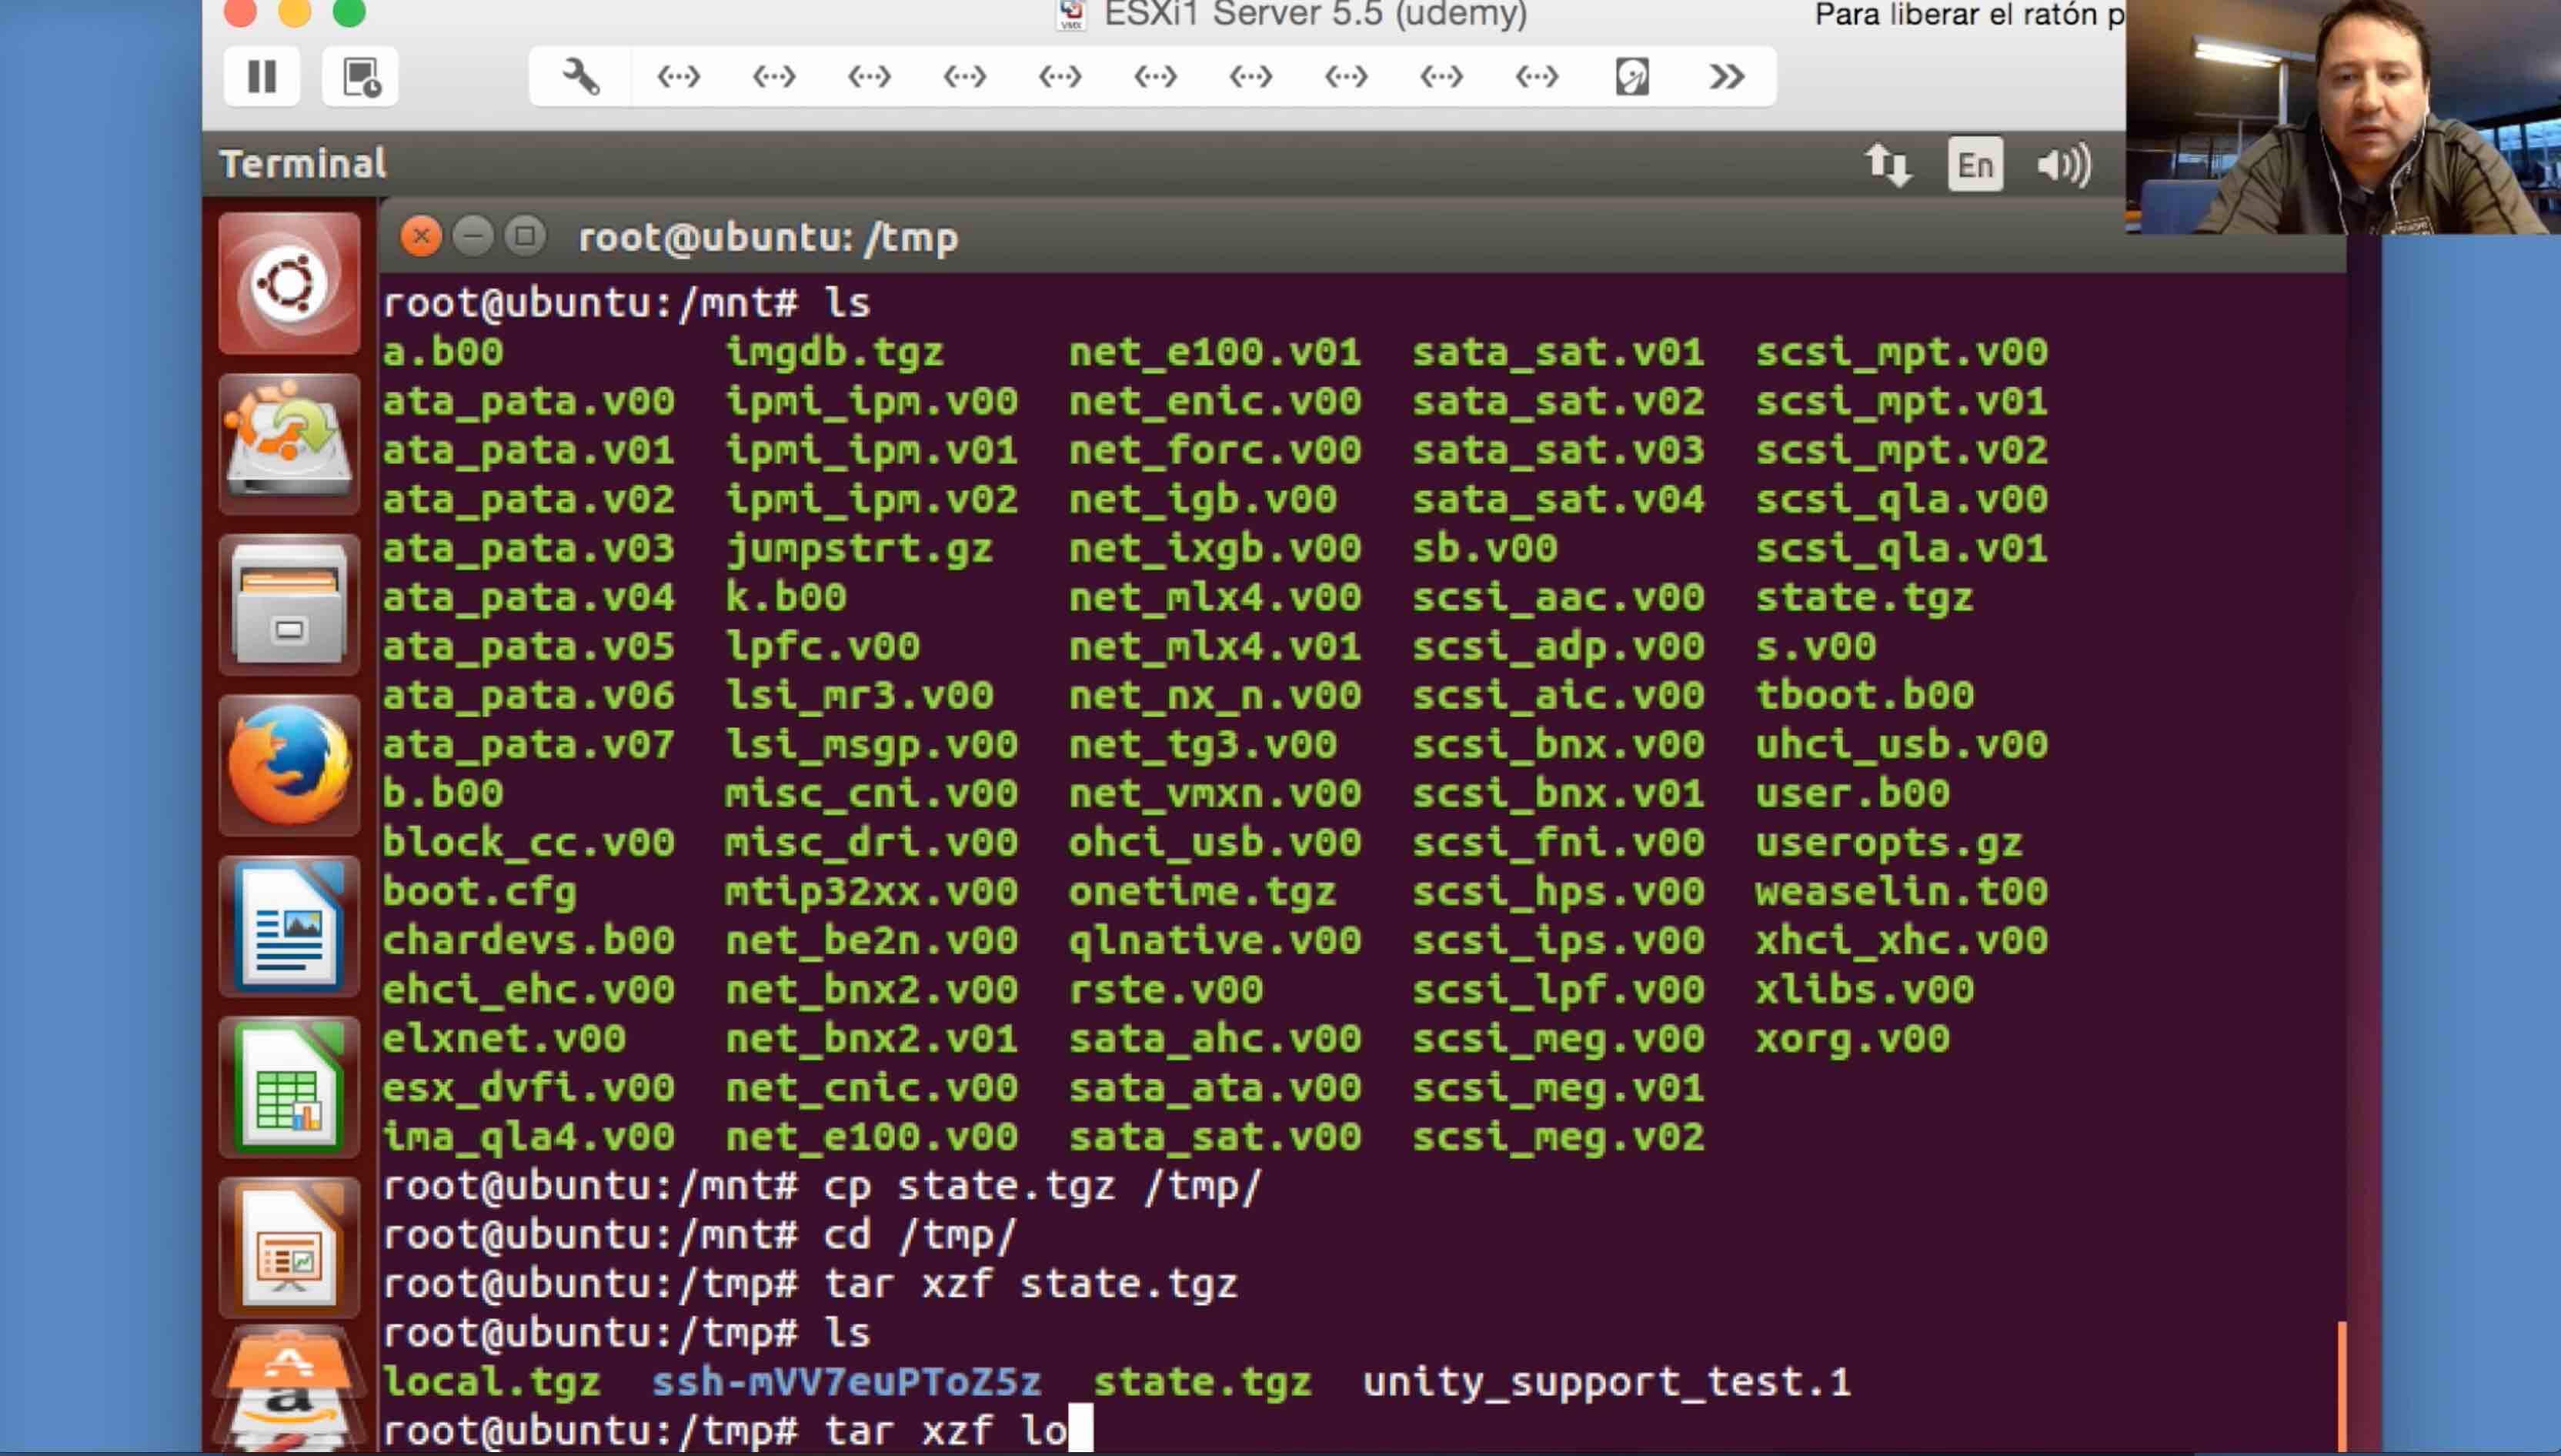 ¿Cómo cambiar la contraseña de root en VMware ESXi?